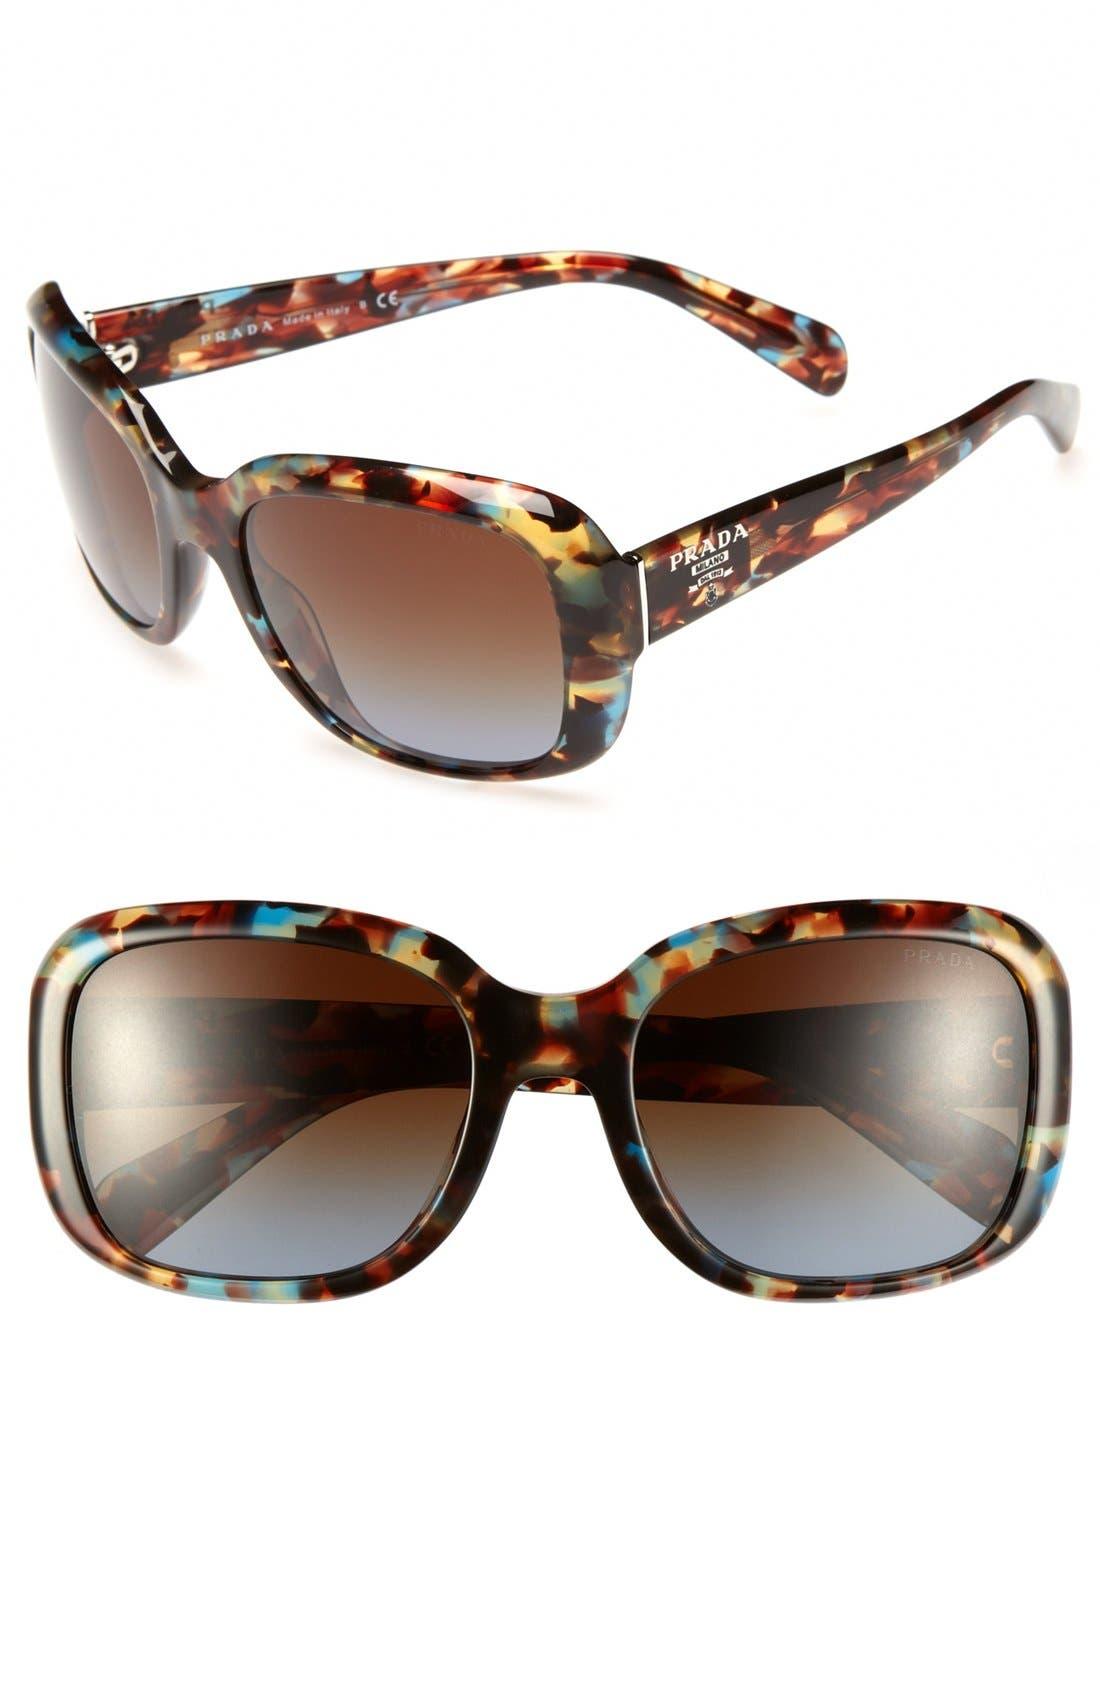 Main Image - Prada 'Oversized Glam' 57mm Sunglasses